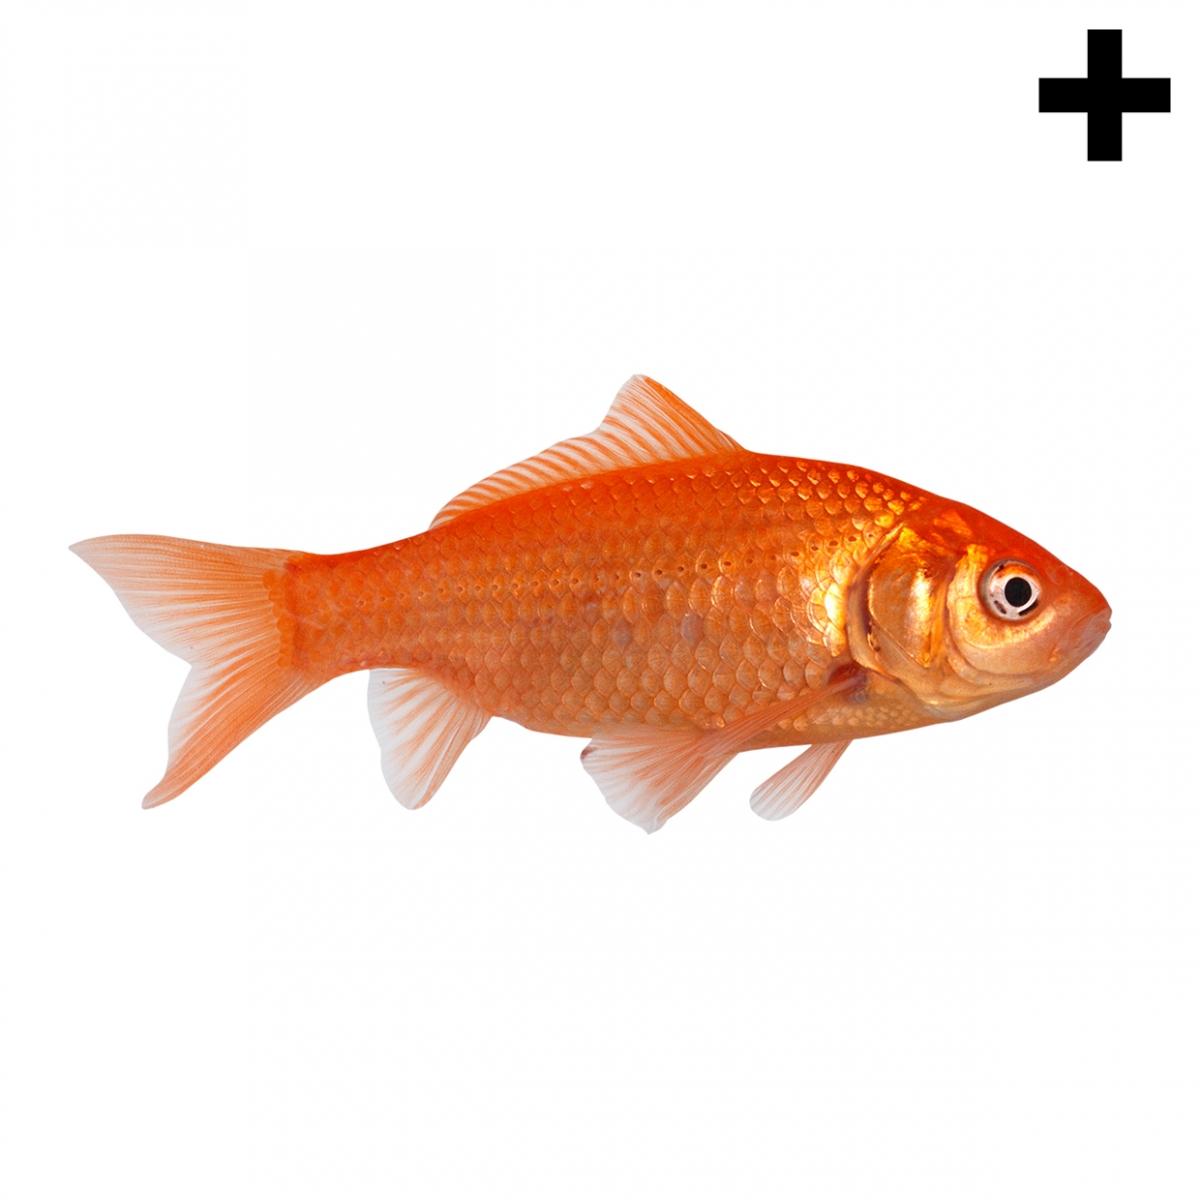 Imagen en la que se ve un pez goldfish en perspectiva lateral